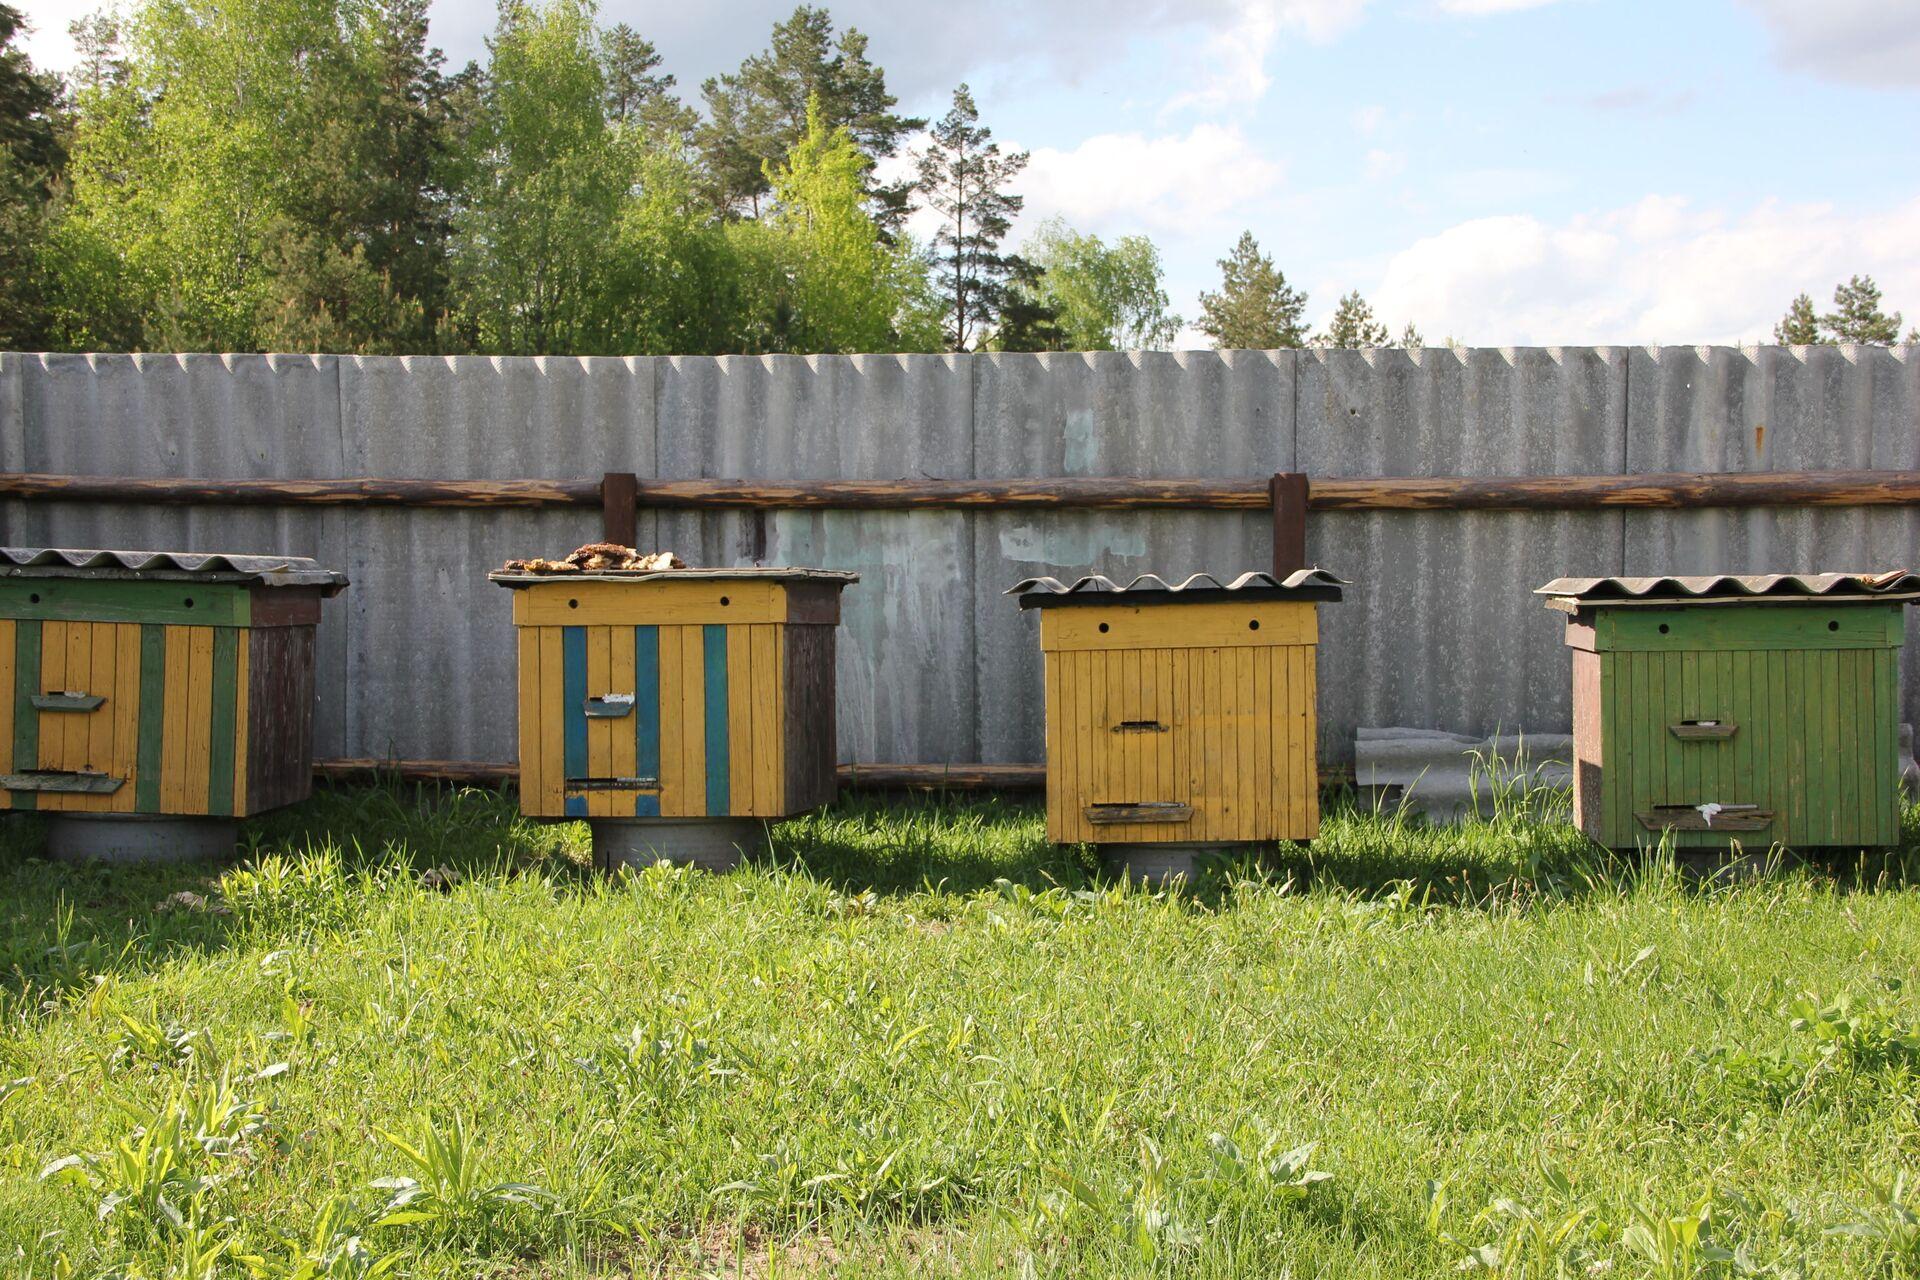 Медведь не агрессивный, утверждают местные, нападает лишь на самое сладенькое - пасеку - Sputnik Беларусь, 1920, 29.06.2021